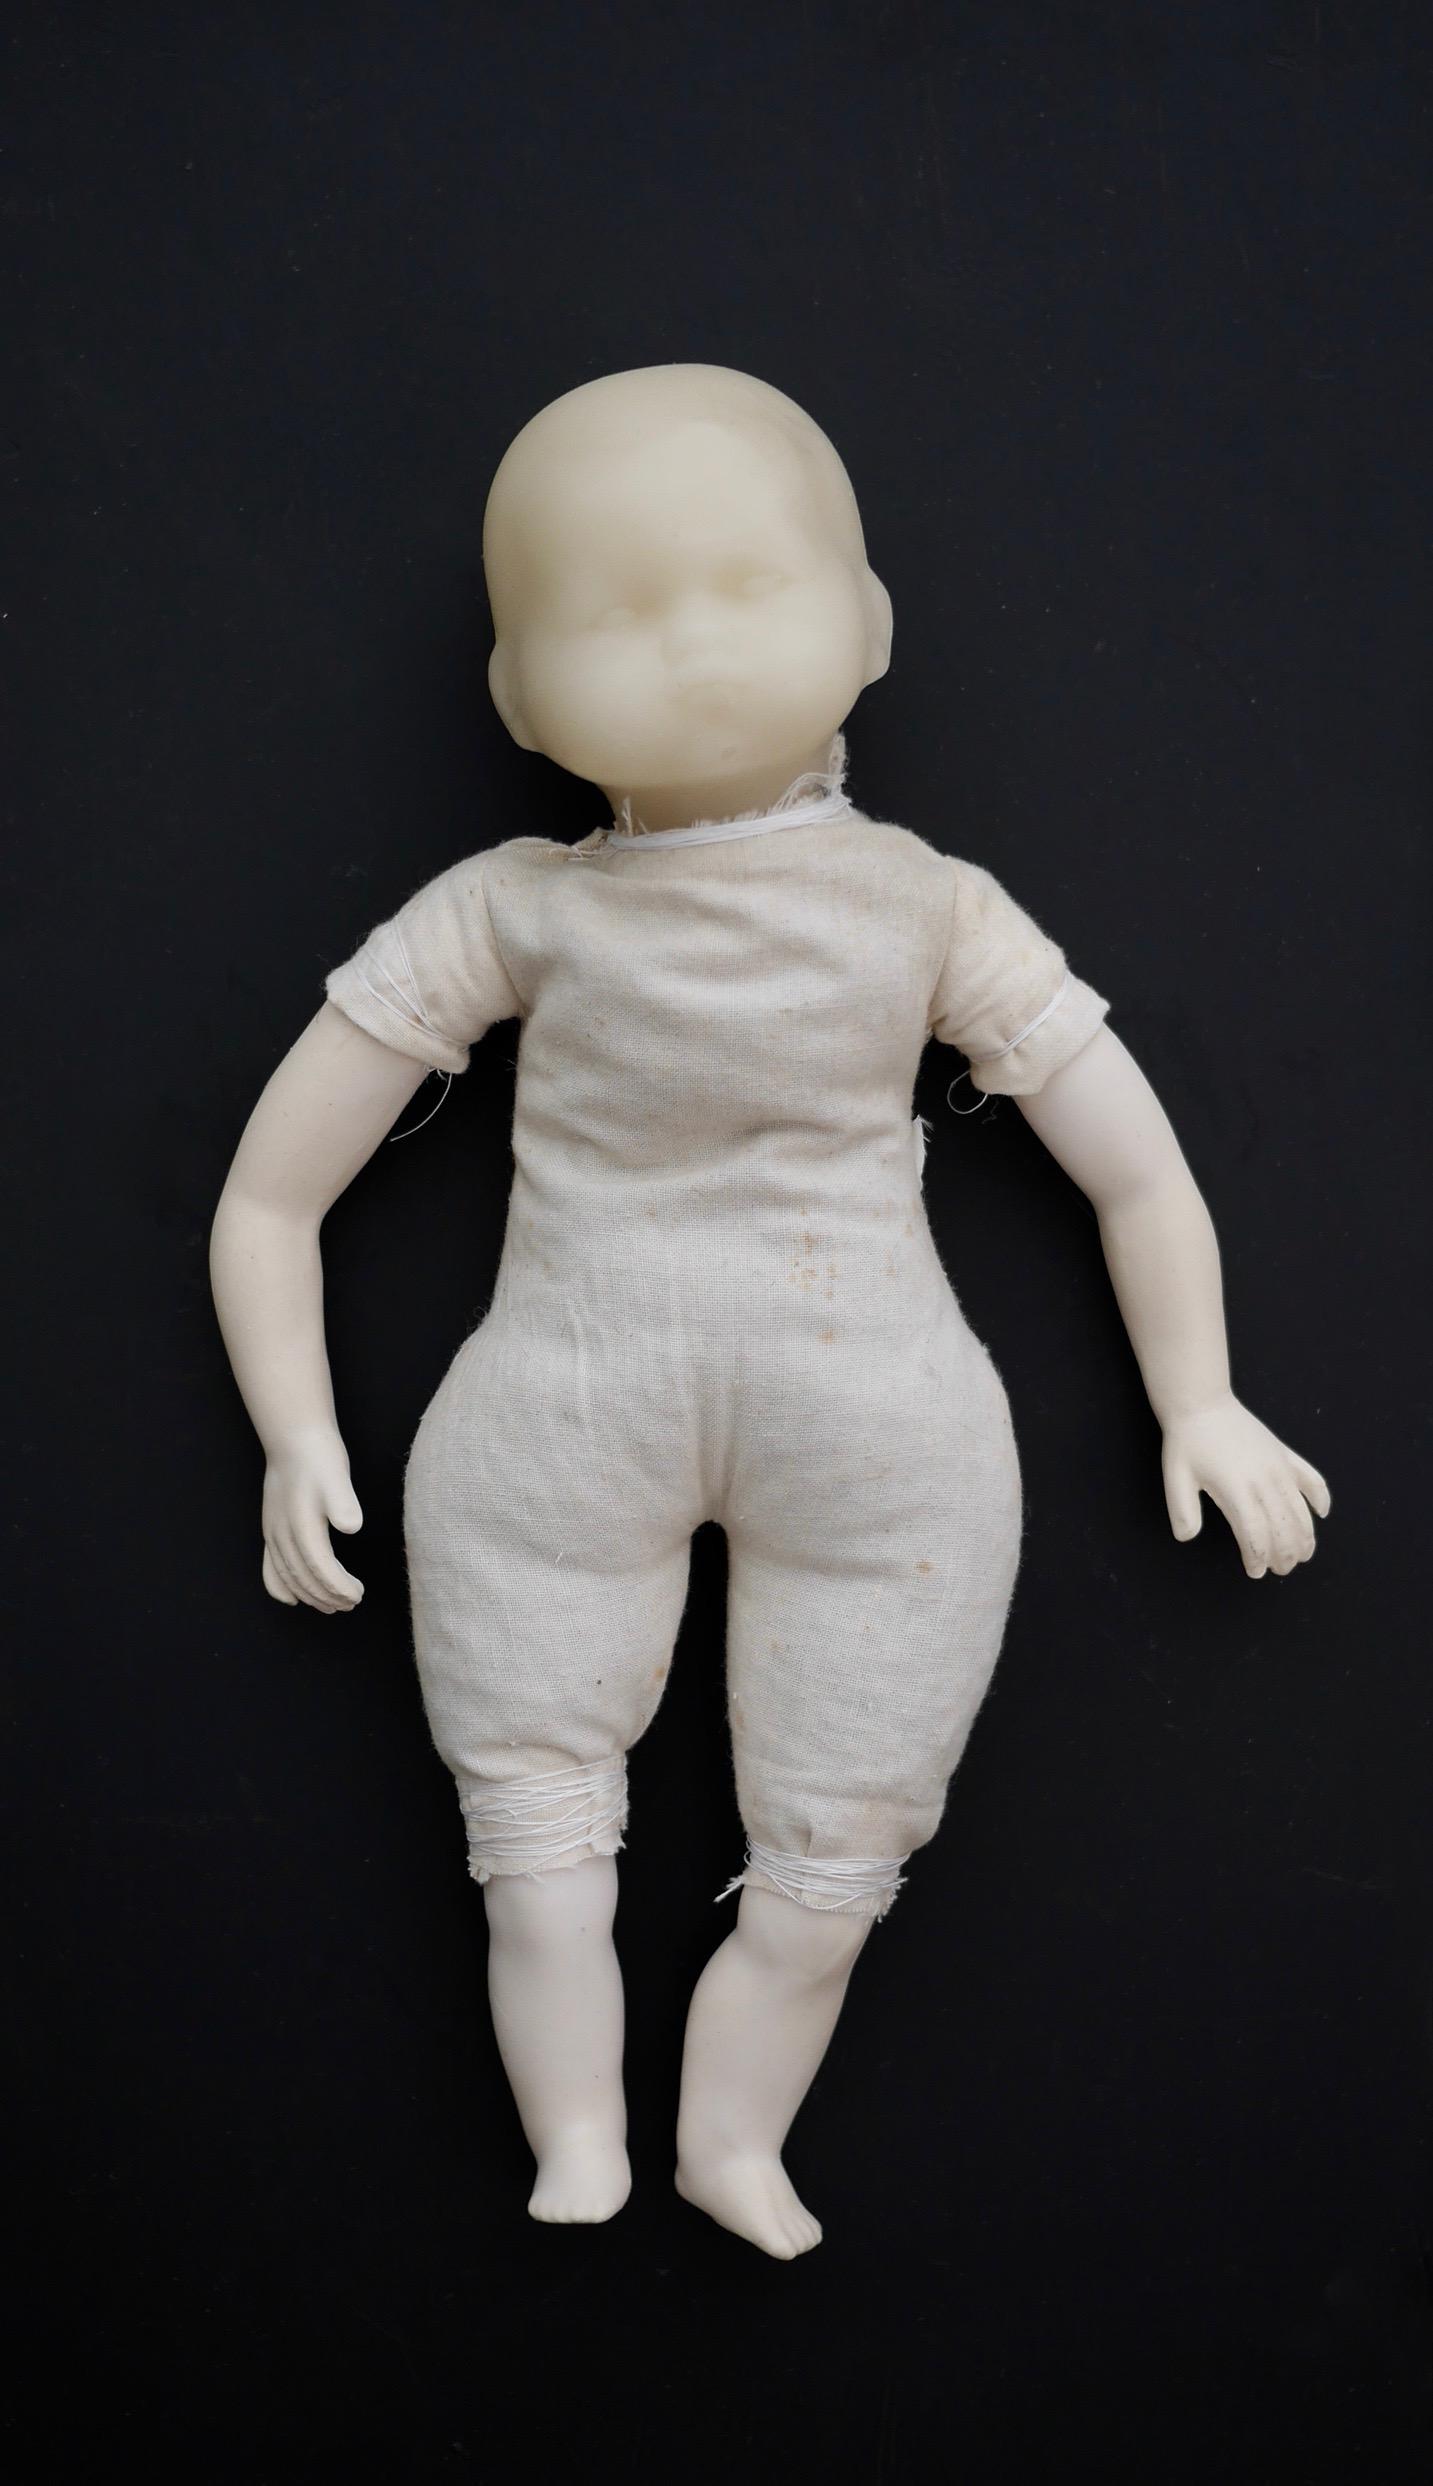 """Doll Baby, Wax   12"""" x 8"""" x 3.5""""  Cast wax, found fabric, lentils  (2017)"""